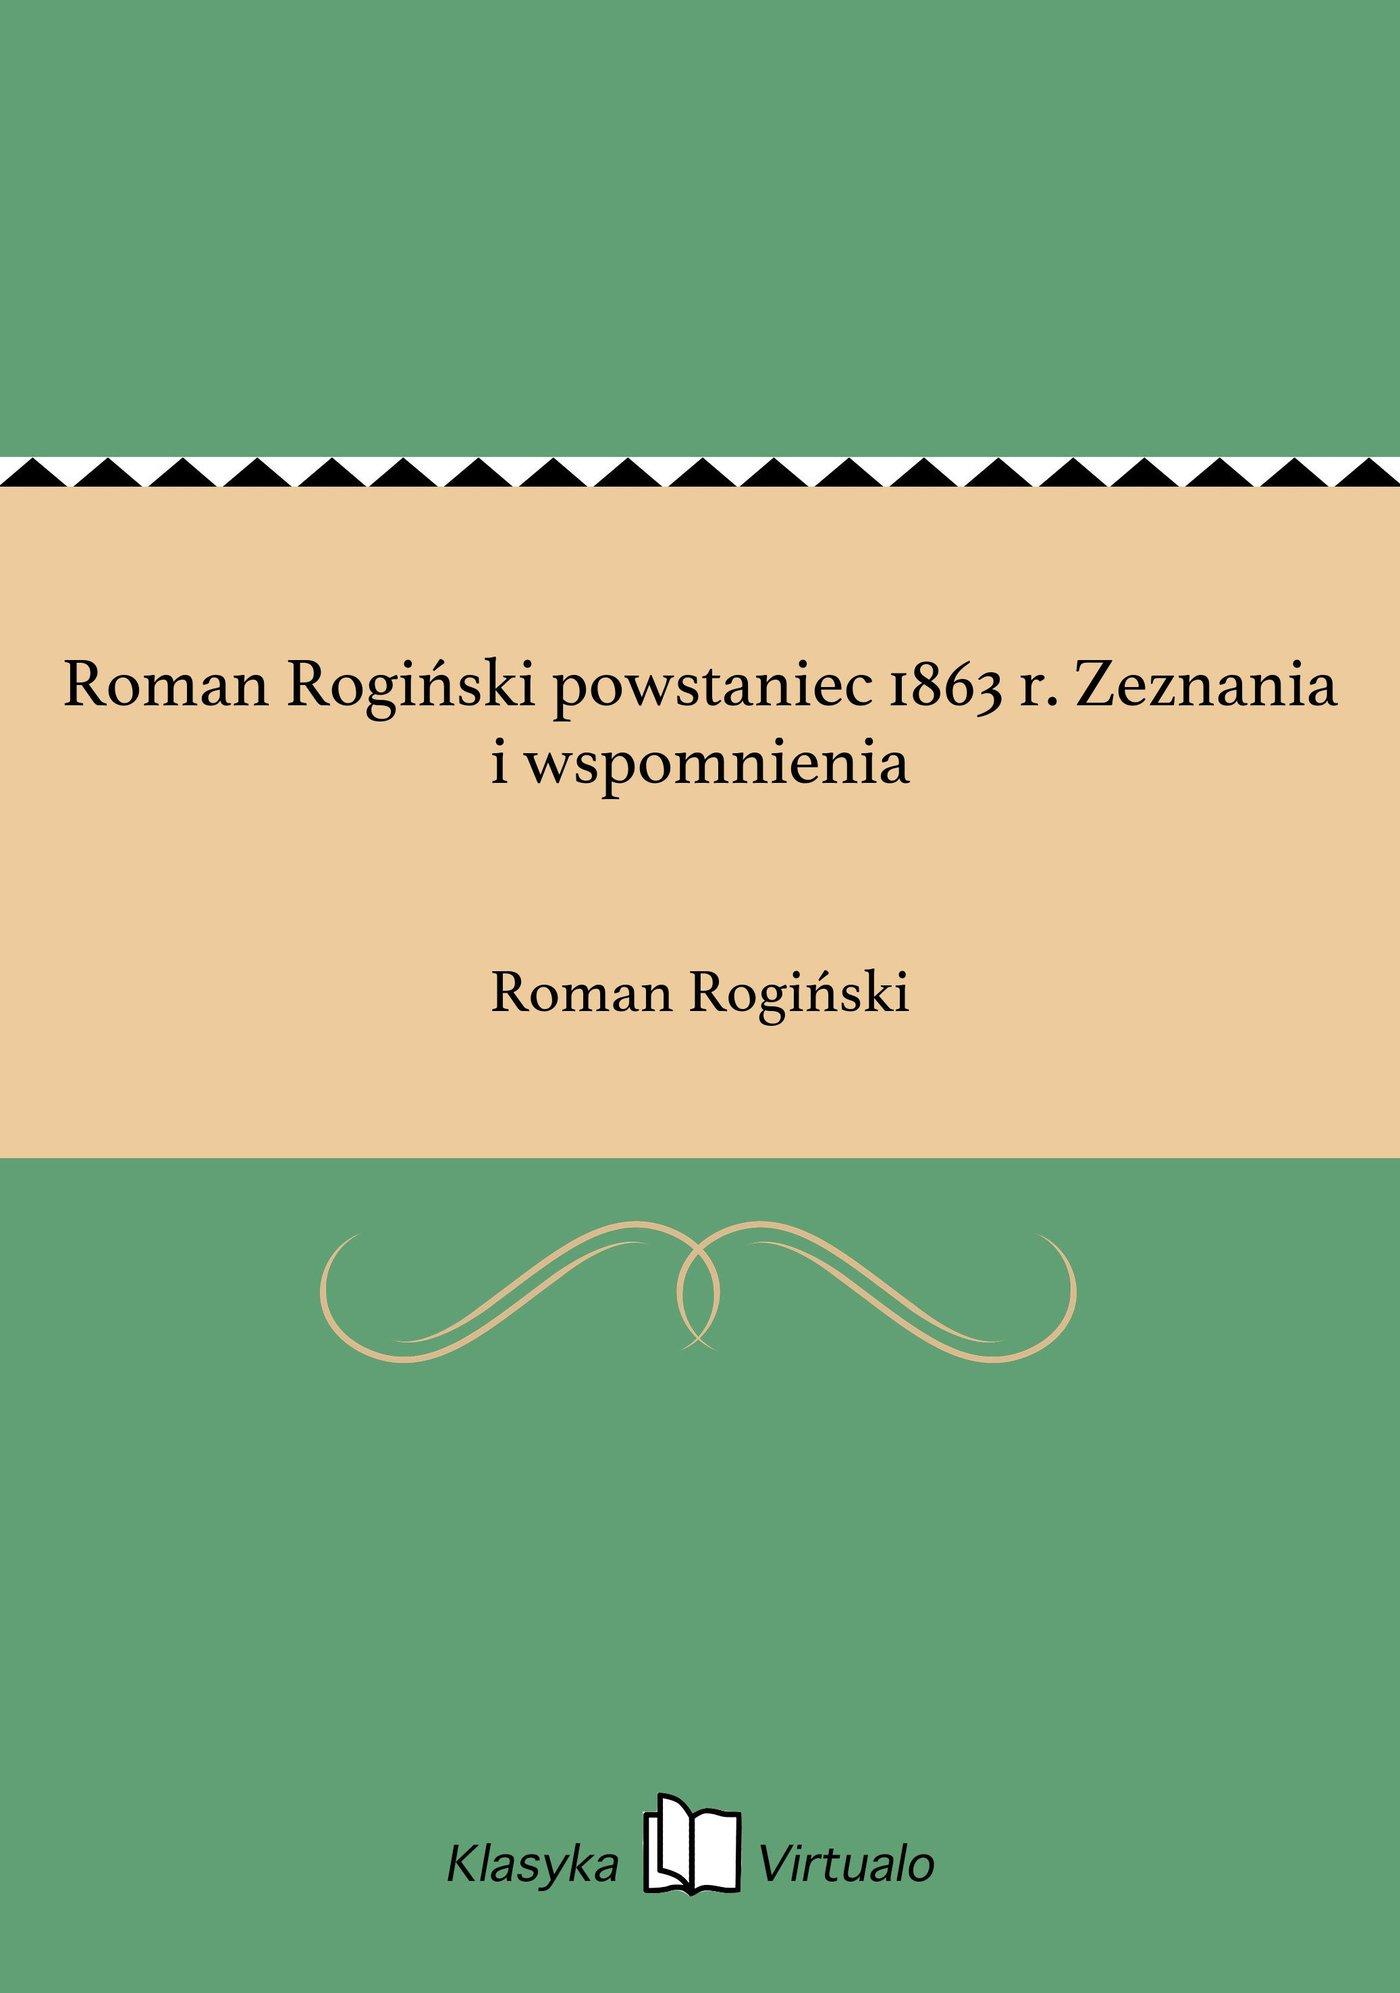 Roman Rogiński powstaniec 1863 r. Zeznania i wspomnienia - Ebook (Książka EPUB) do pobrania w formacie EPUB